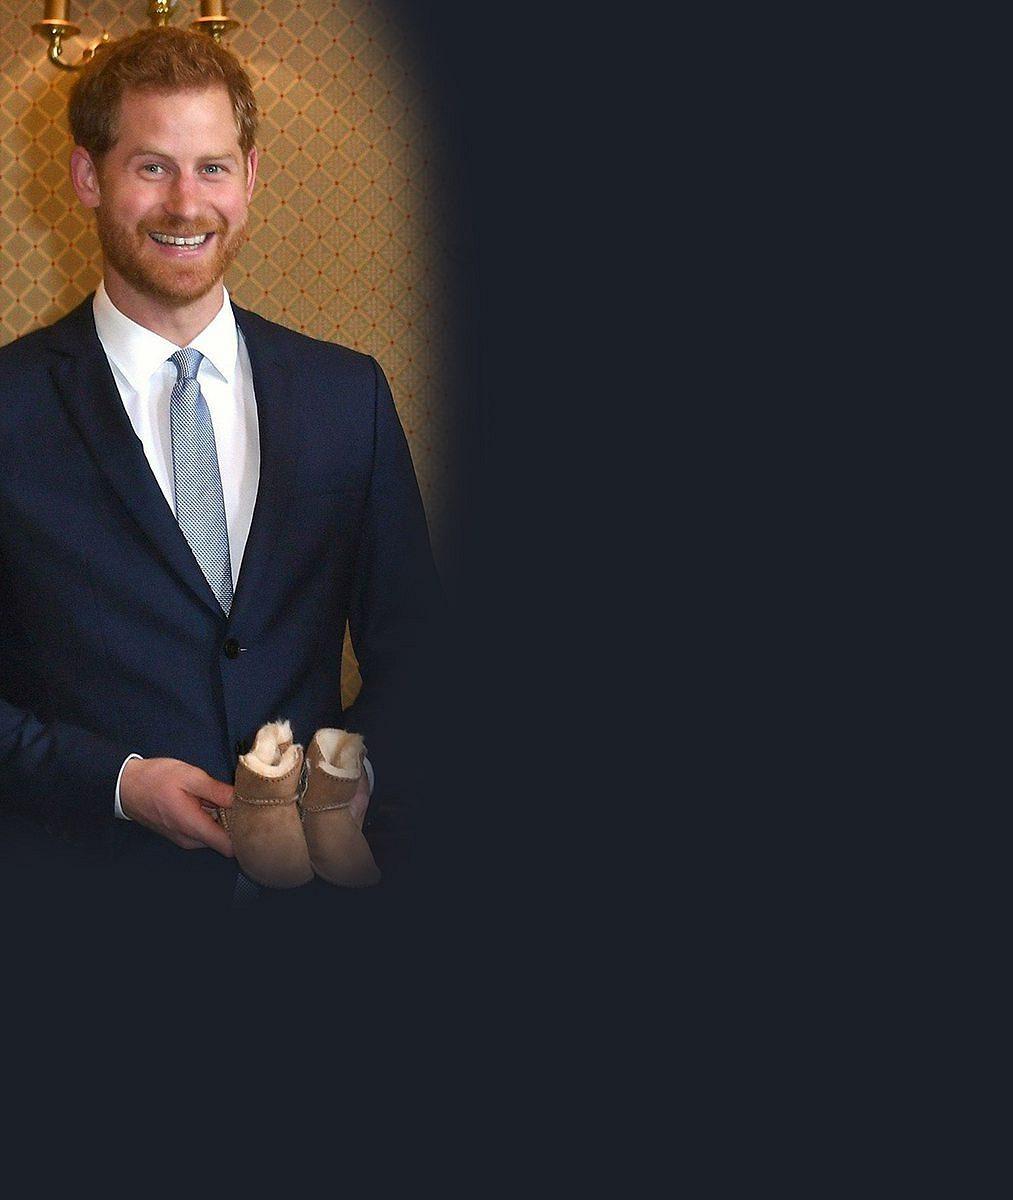 Těhotná vévodkyně Meghan dostala první dárek pro své miminko: Takhle byli s Harrym naměkko